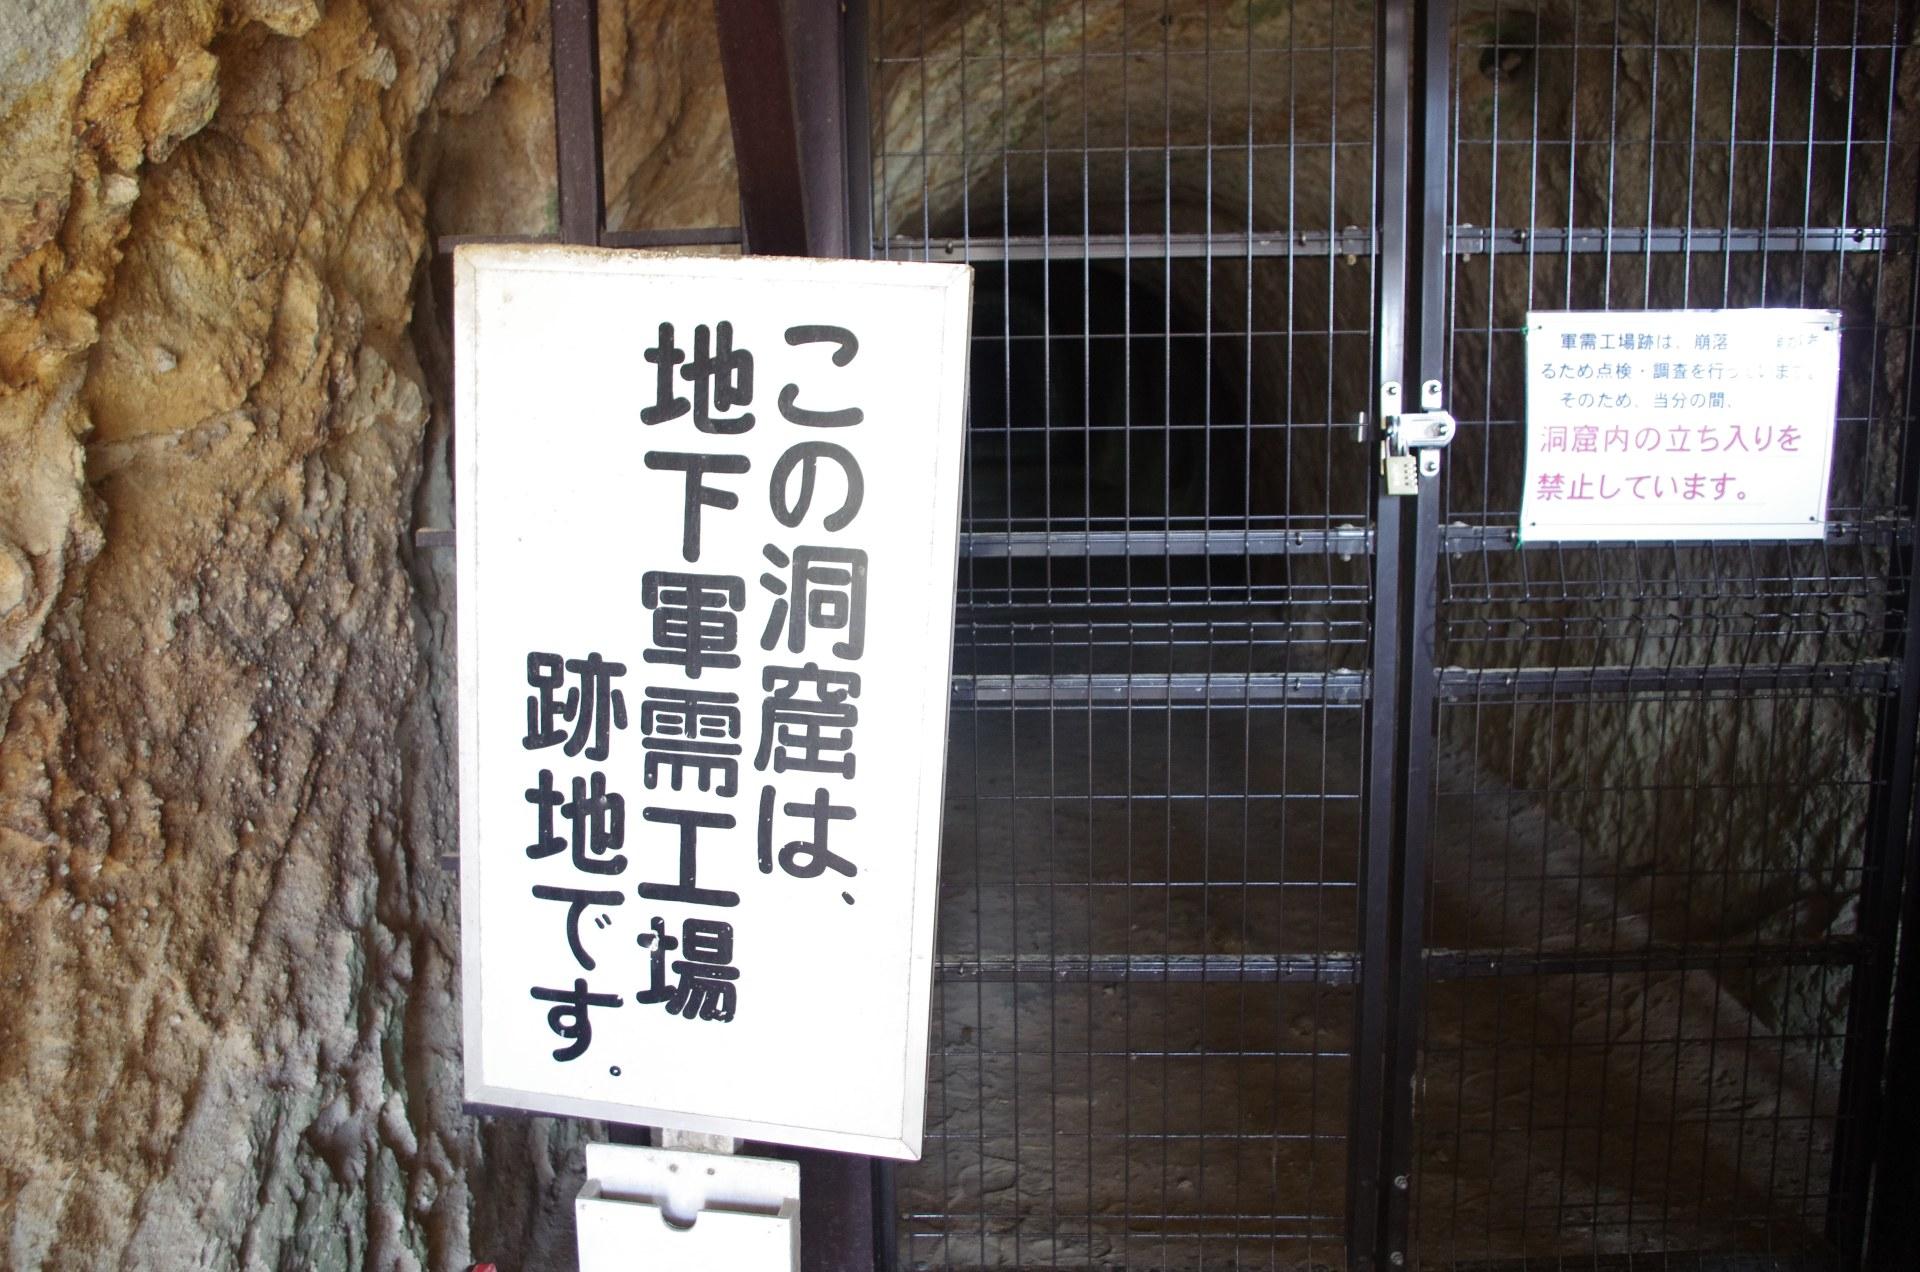 中島飛行機吉松地下工場と吉見百穴